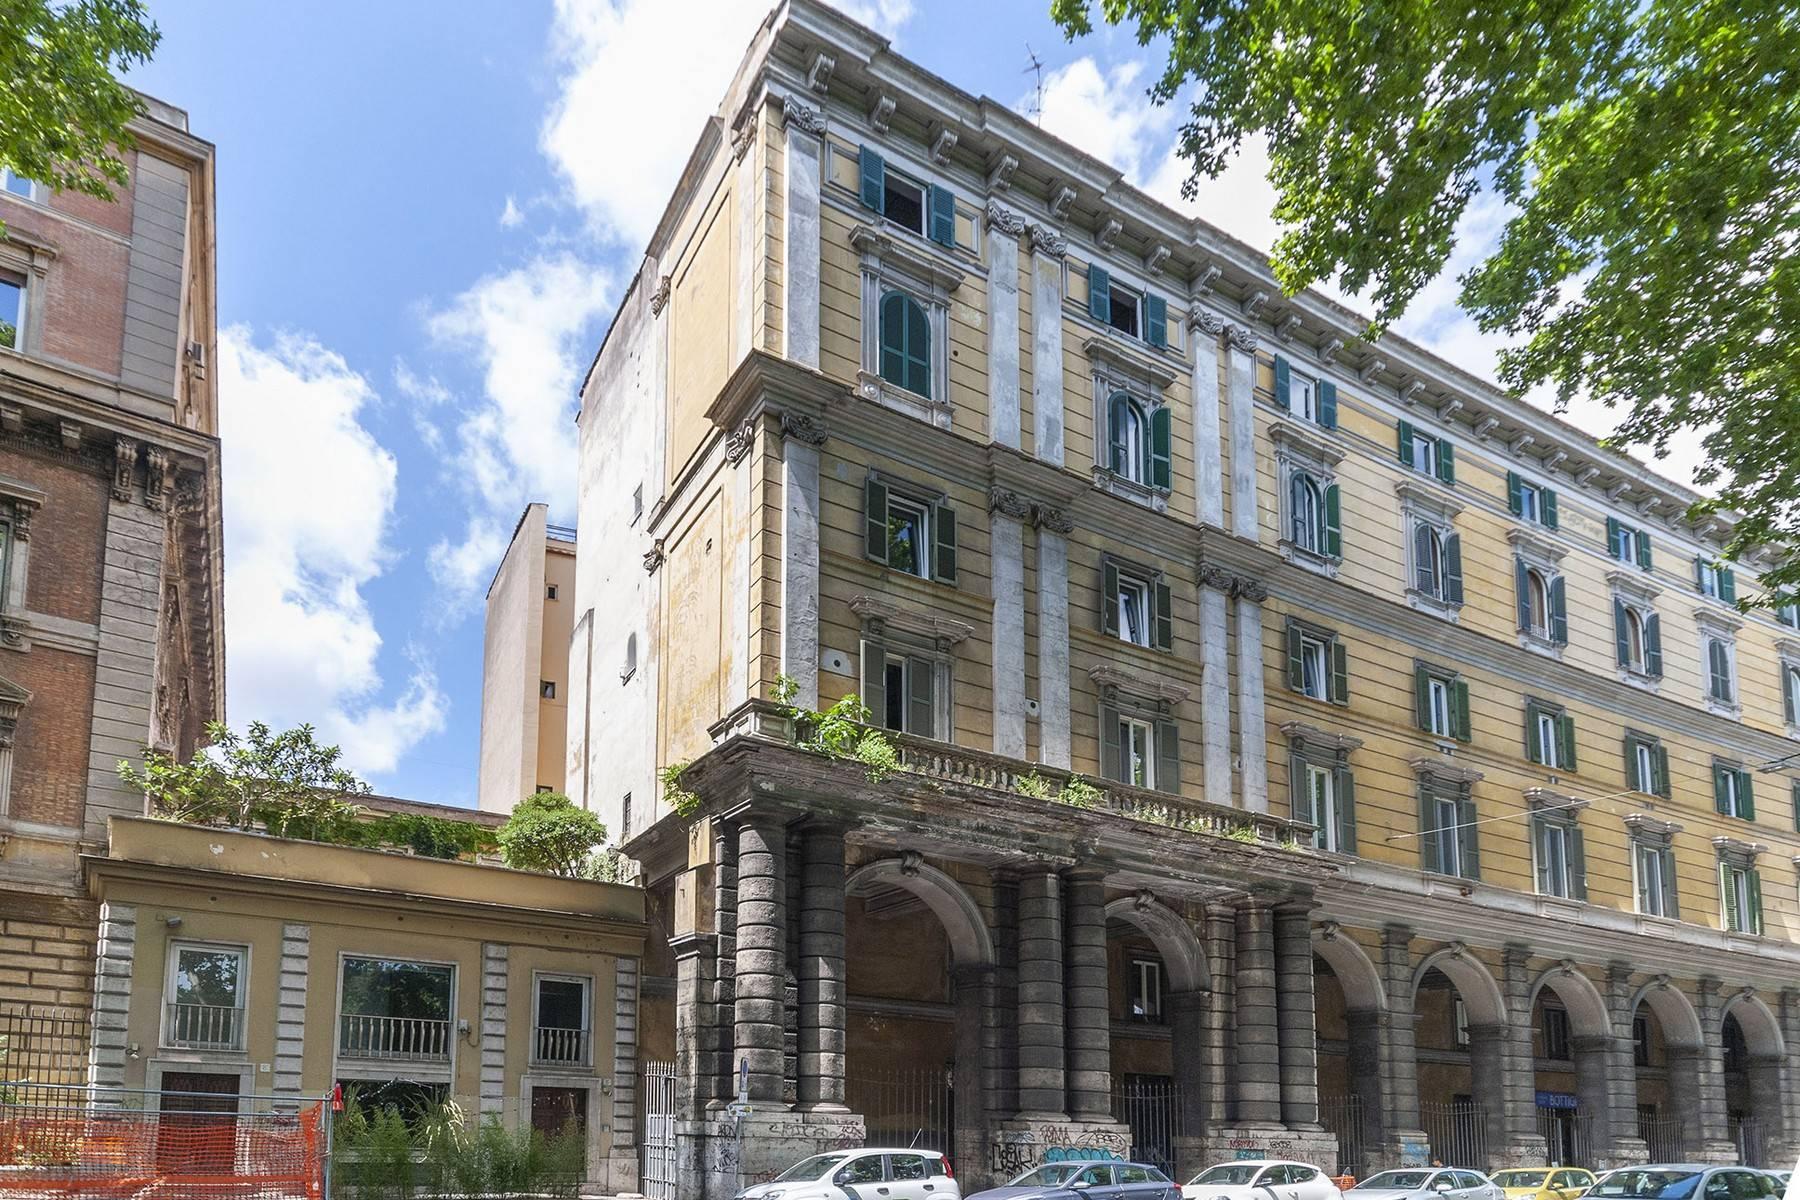 Appartamento in Vendita a Roma: 5 locali, 136 mq - Foto 1